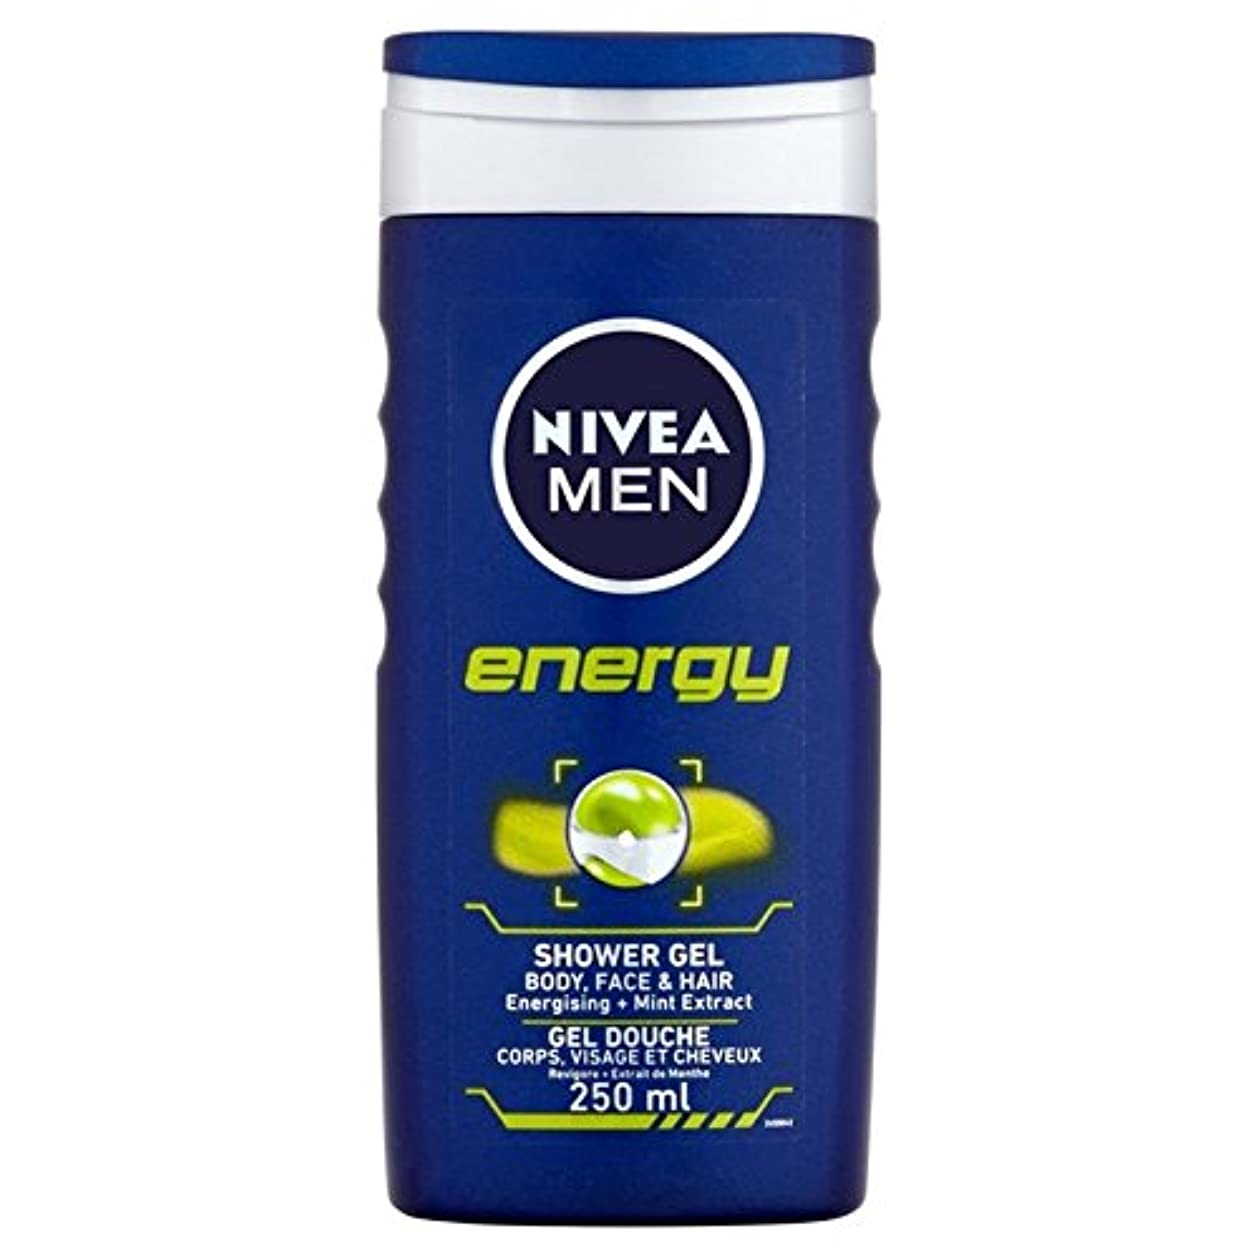 クーポン羊飼い丘Nivea Men Energy 2 in 1 Shower 250ml - 1つのシャワー250ミリリットル中ニベアの男性のエネルギー2 [並行輸入品]